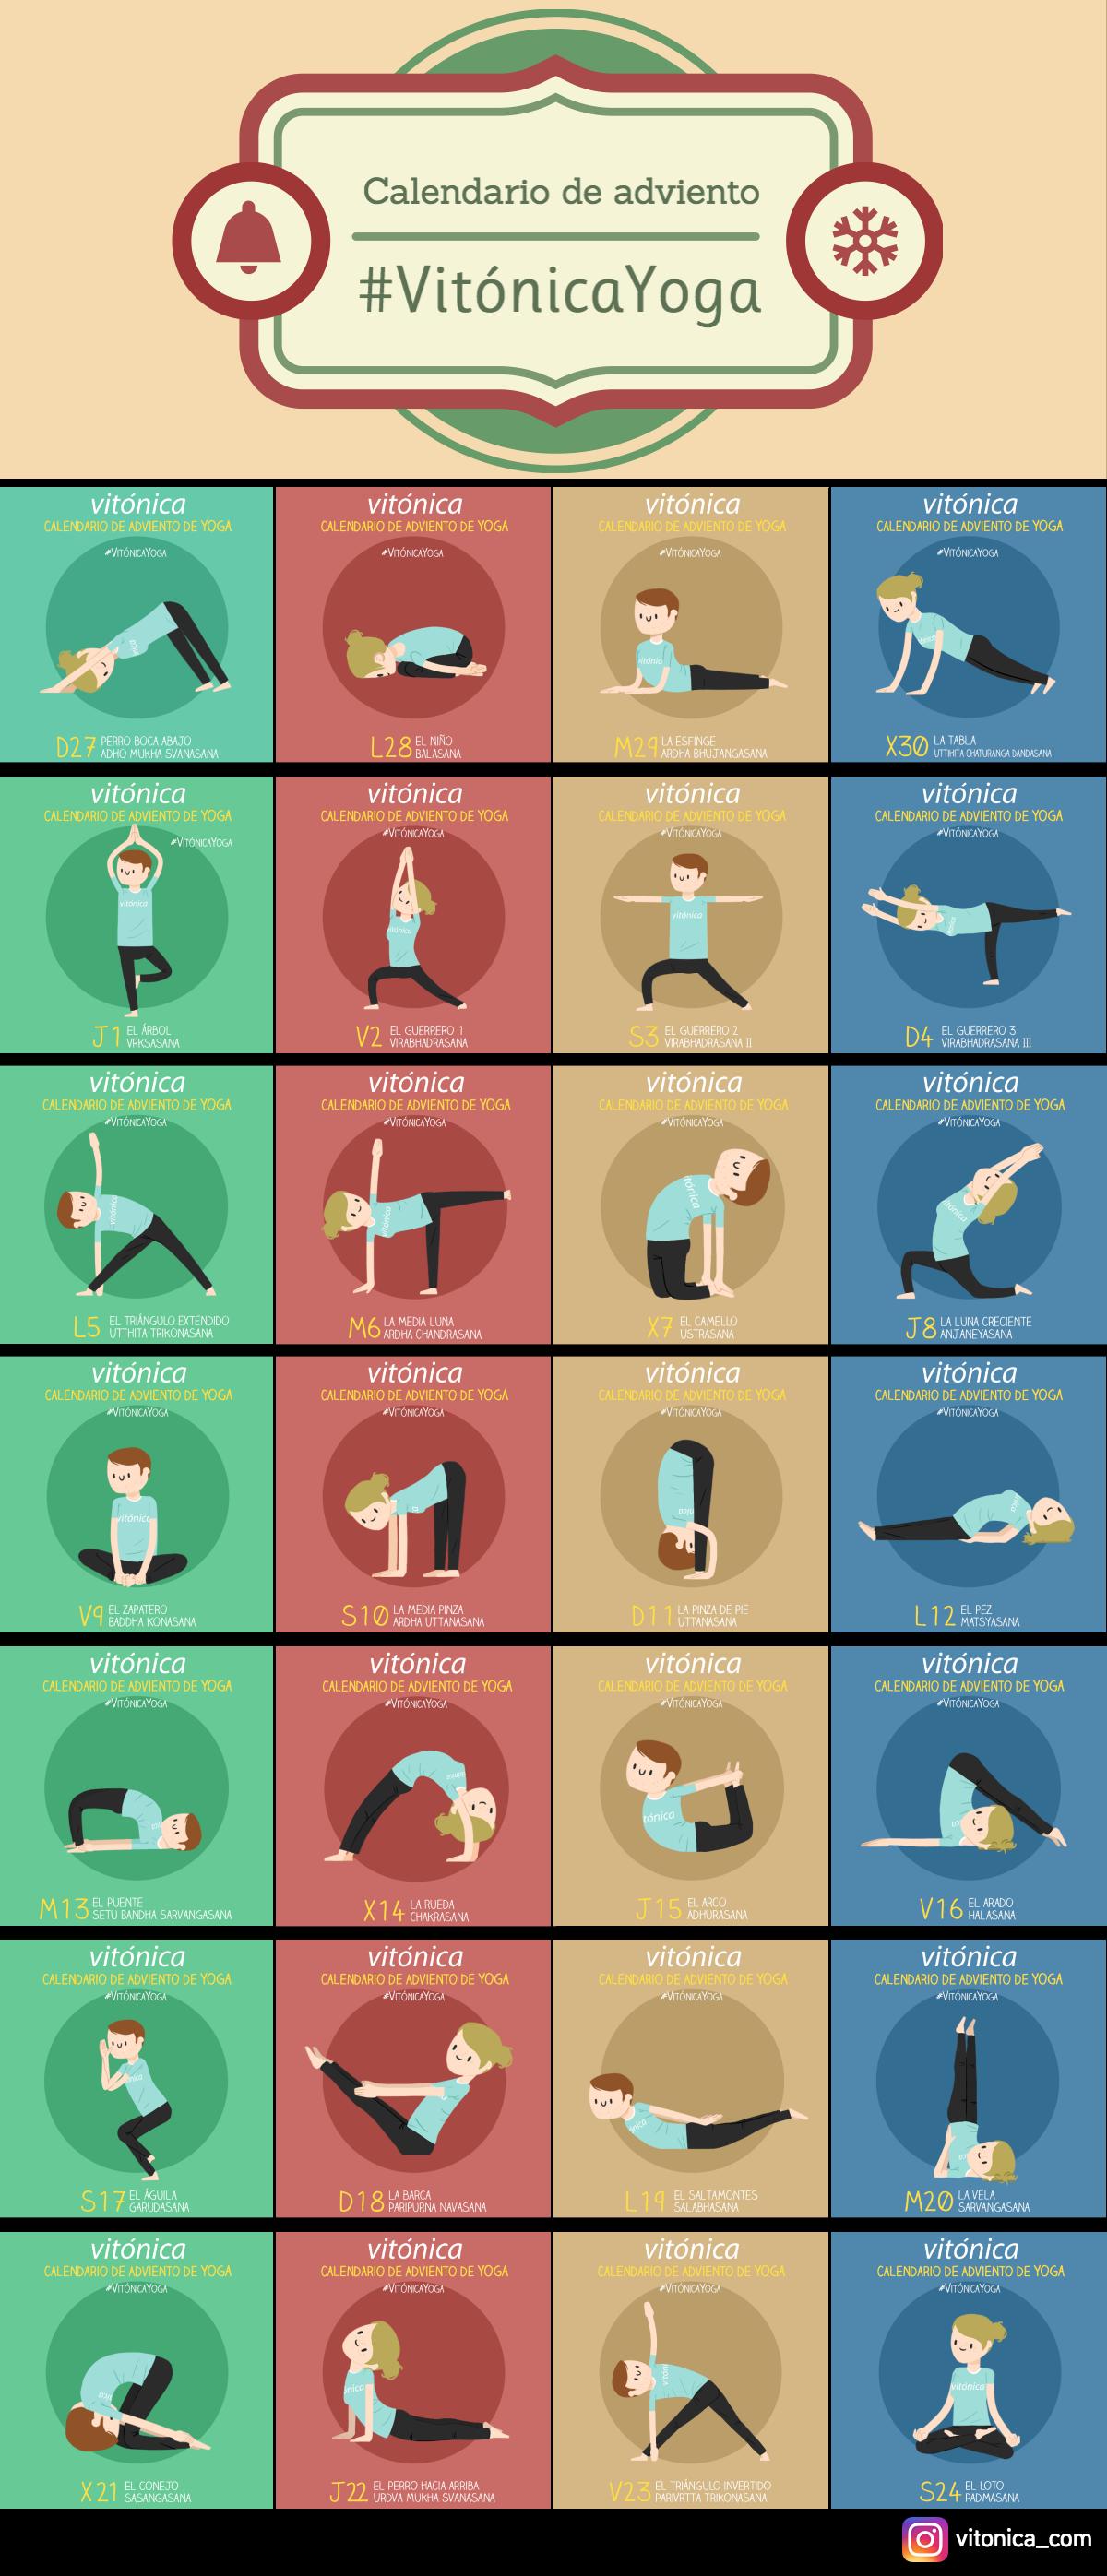 Foto de Calendario de adviento Vitónica Yoga (1/1)